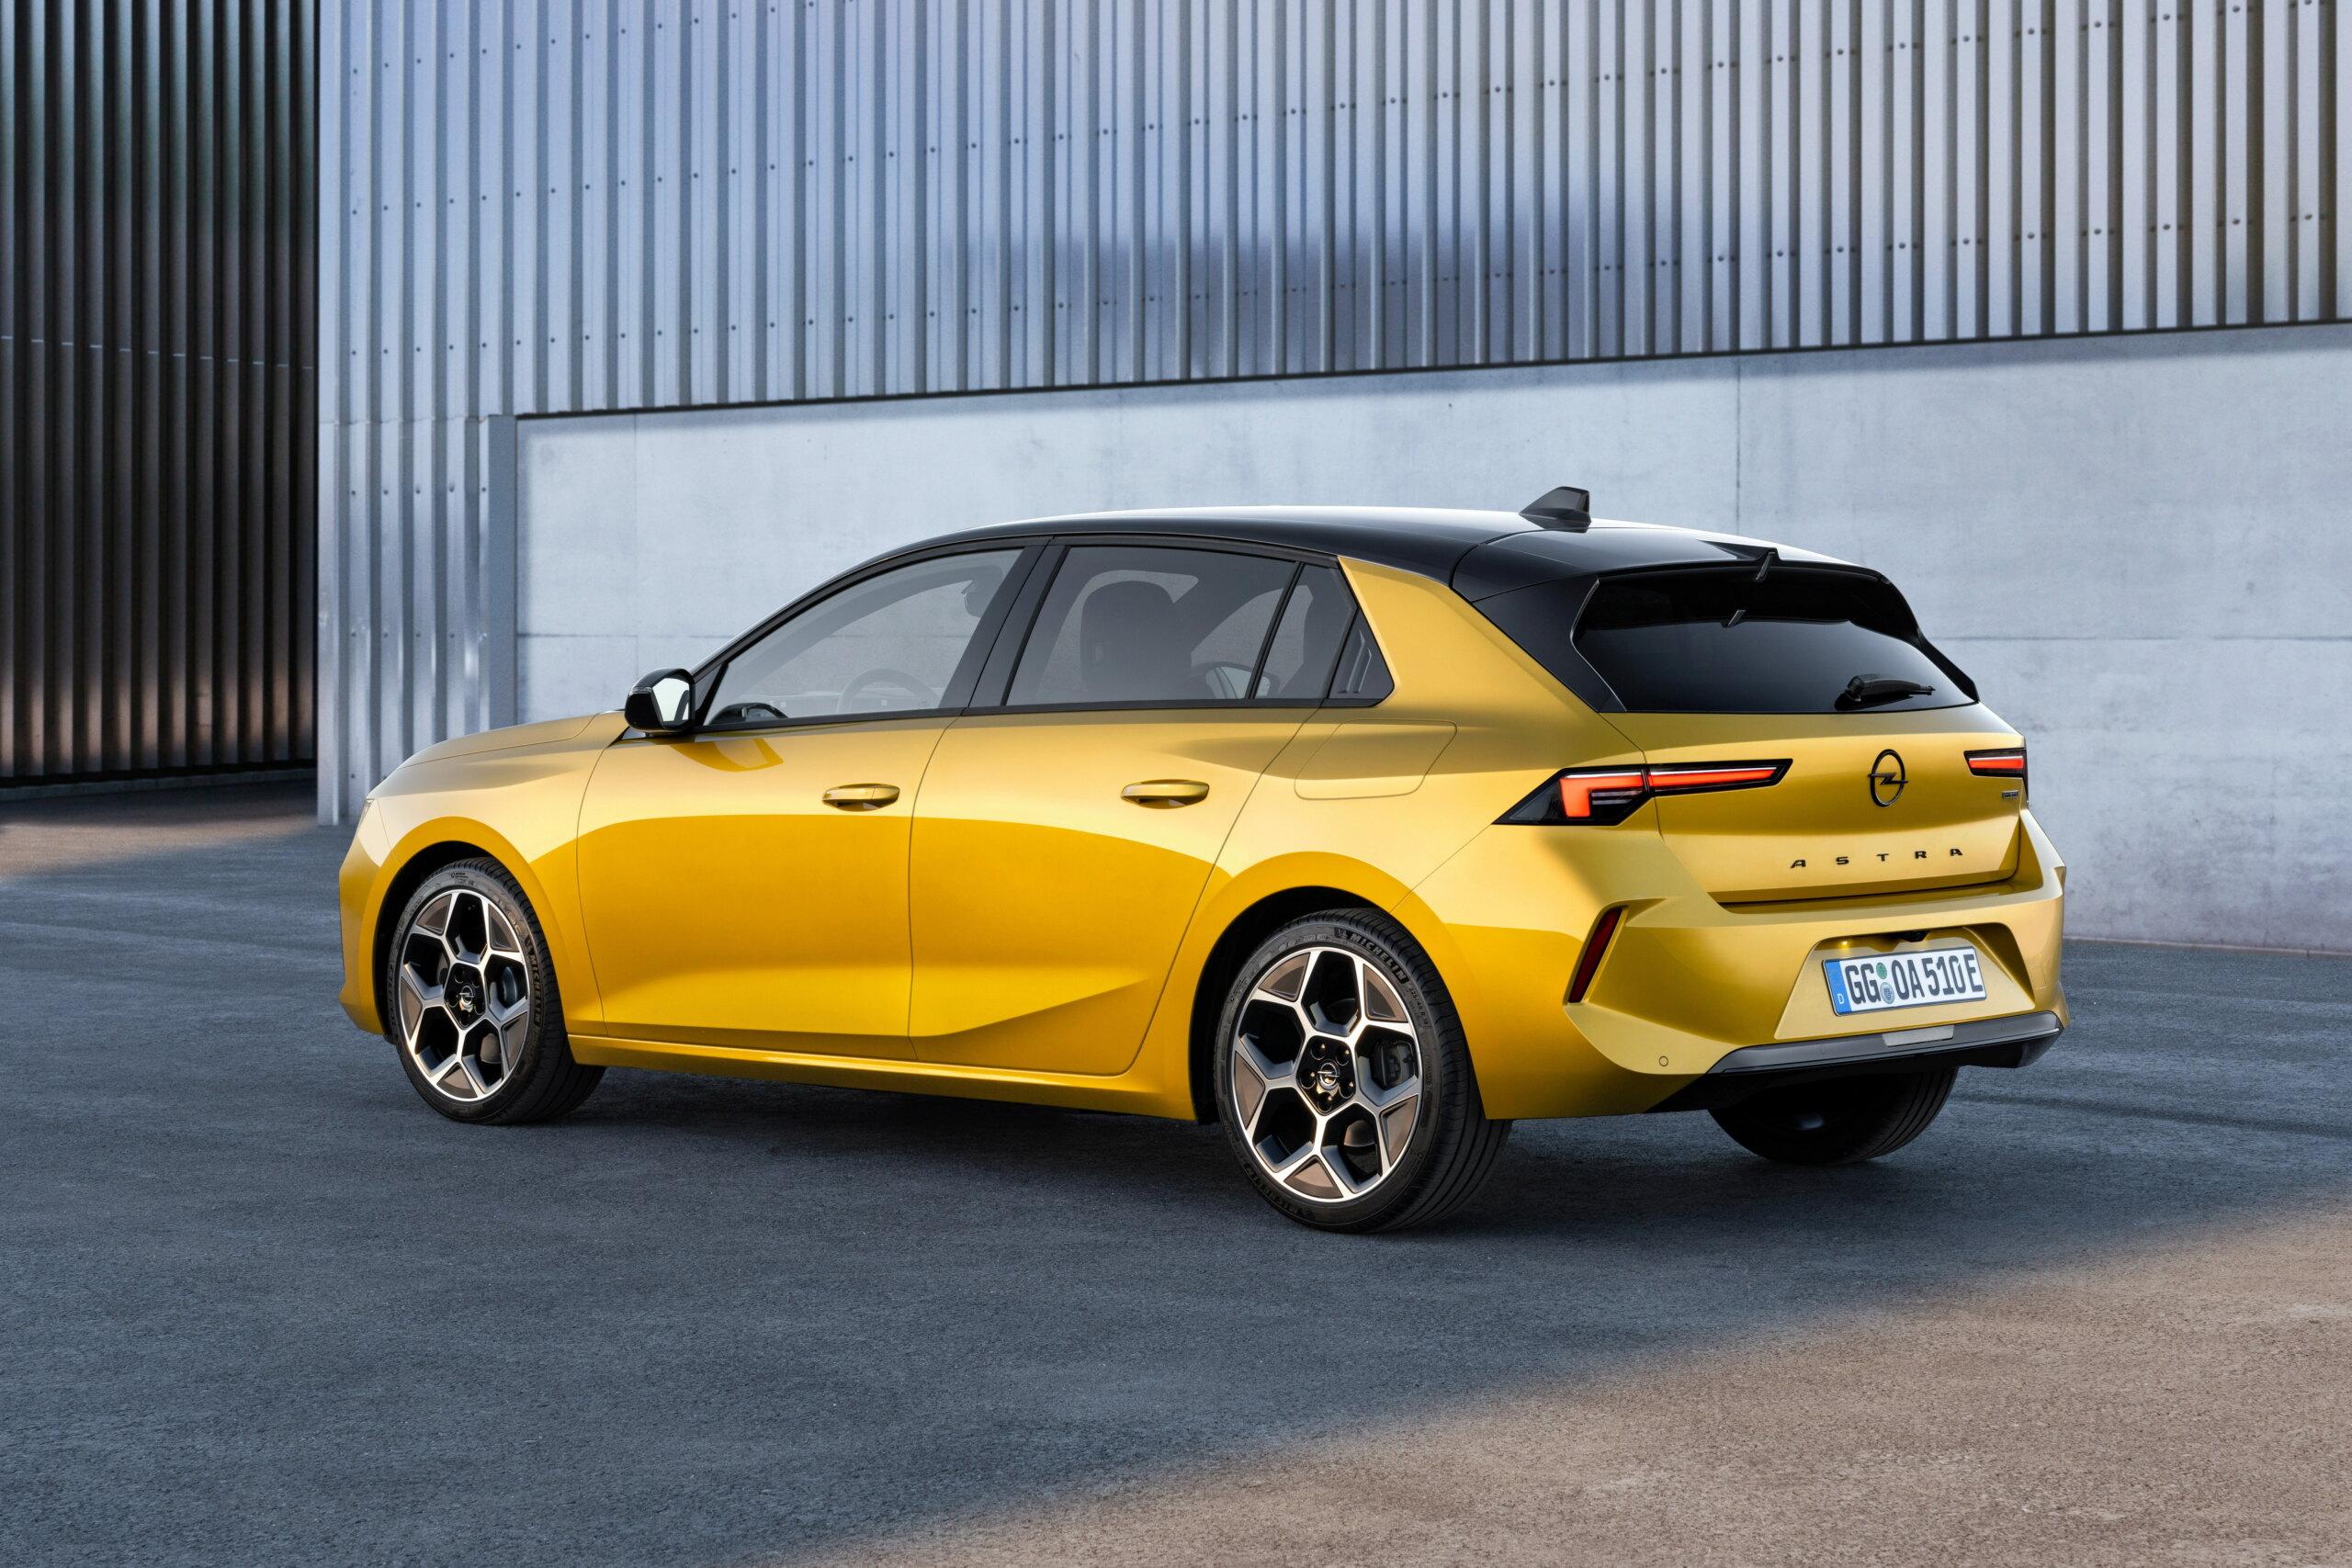 Fotos alta definición Opel Astra L  02-ope10